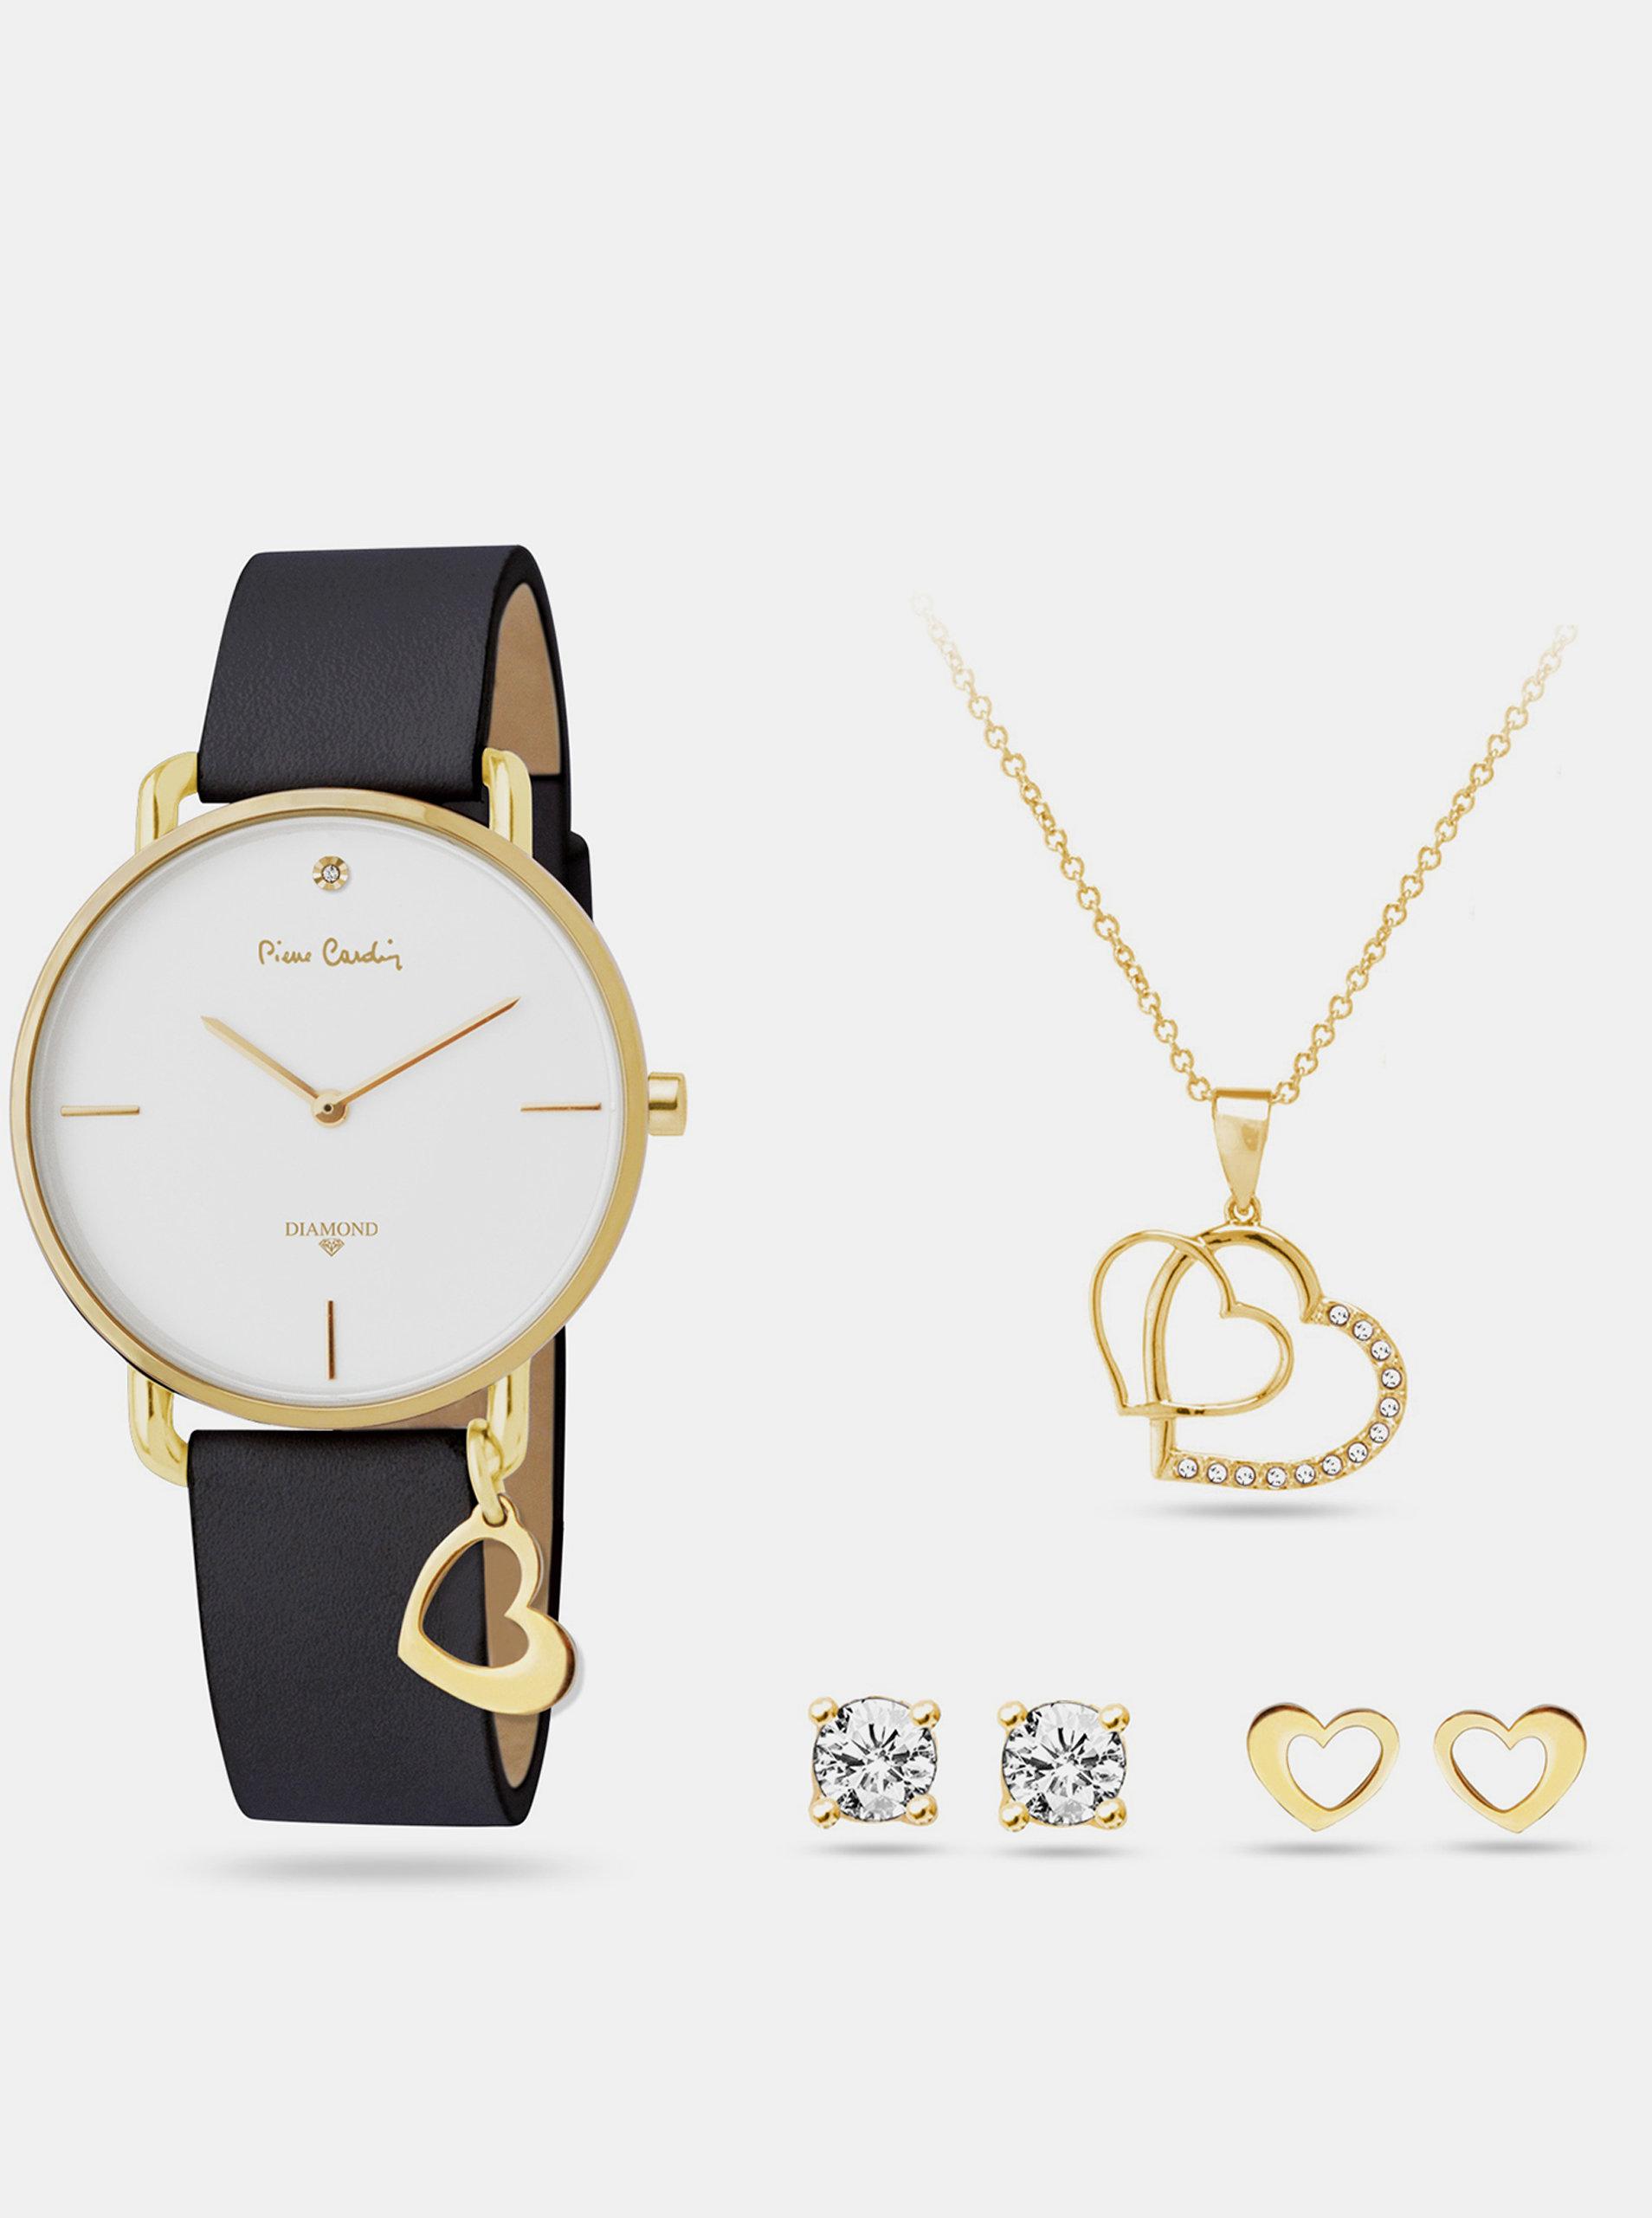 Sada dámských hodinek s koženým páskem a šperků ve zlaté barvě Pierre Cardin